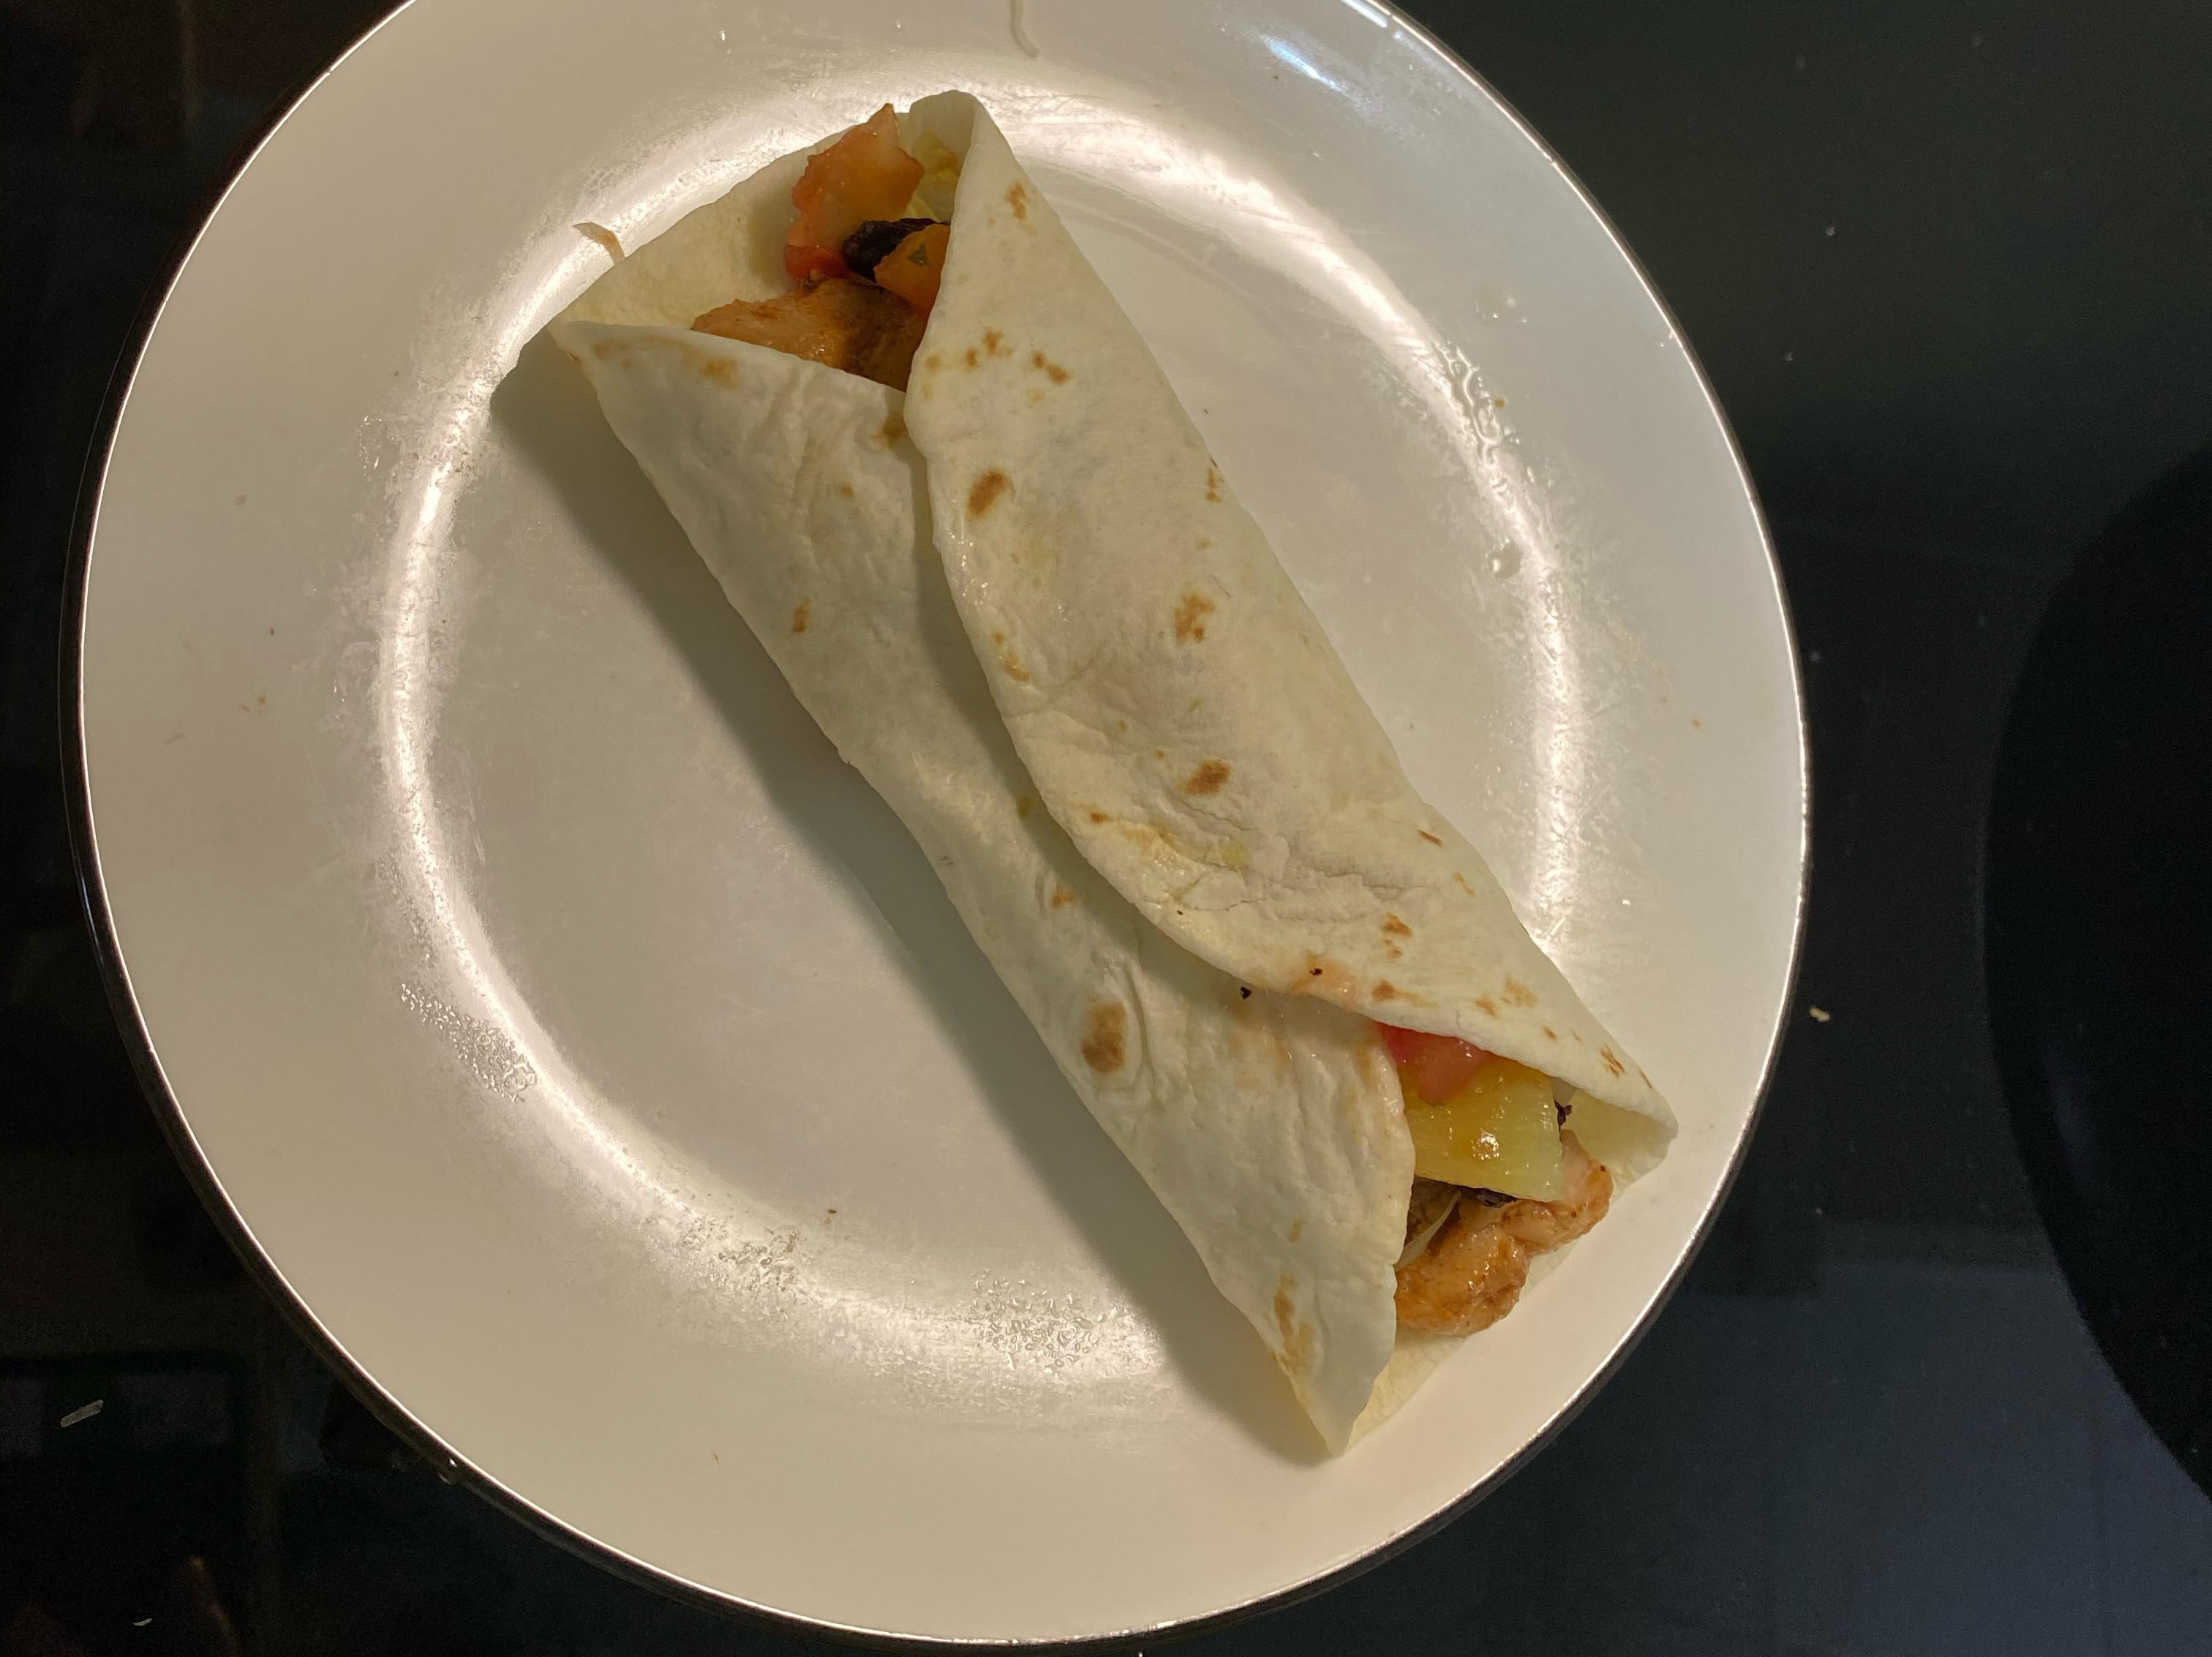 Costco 墨西哥雞肉塔可捲餅-太好吃